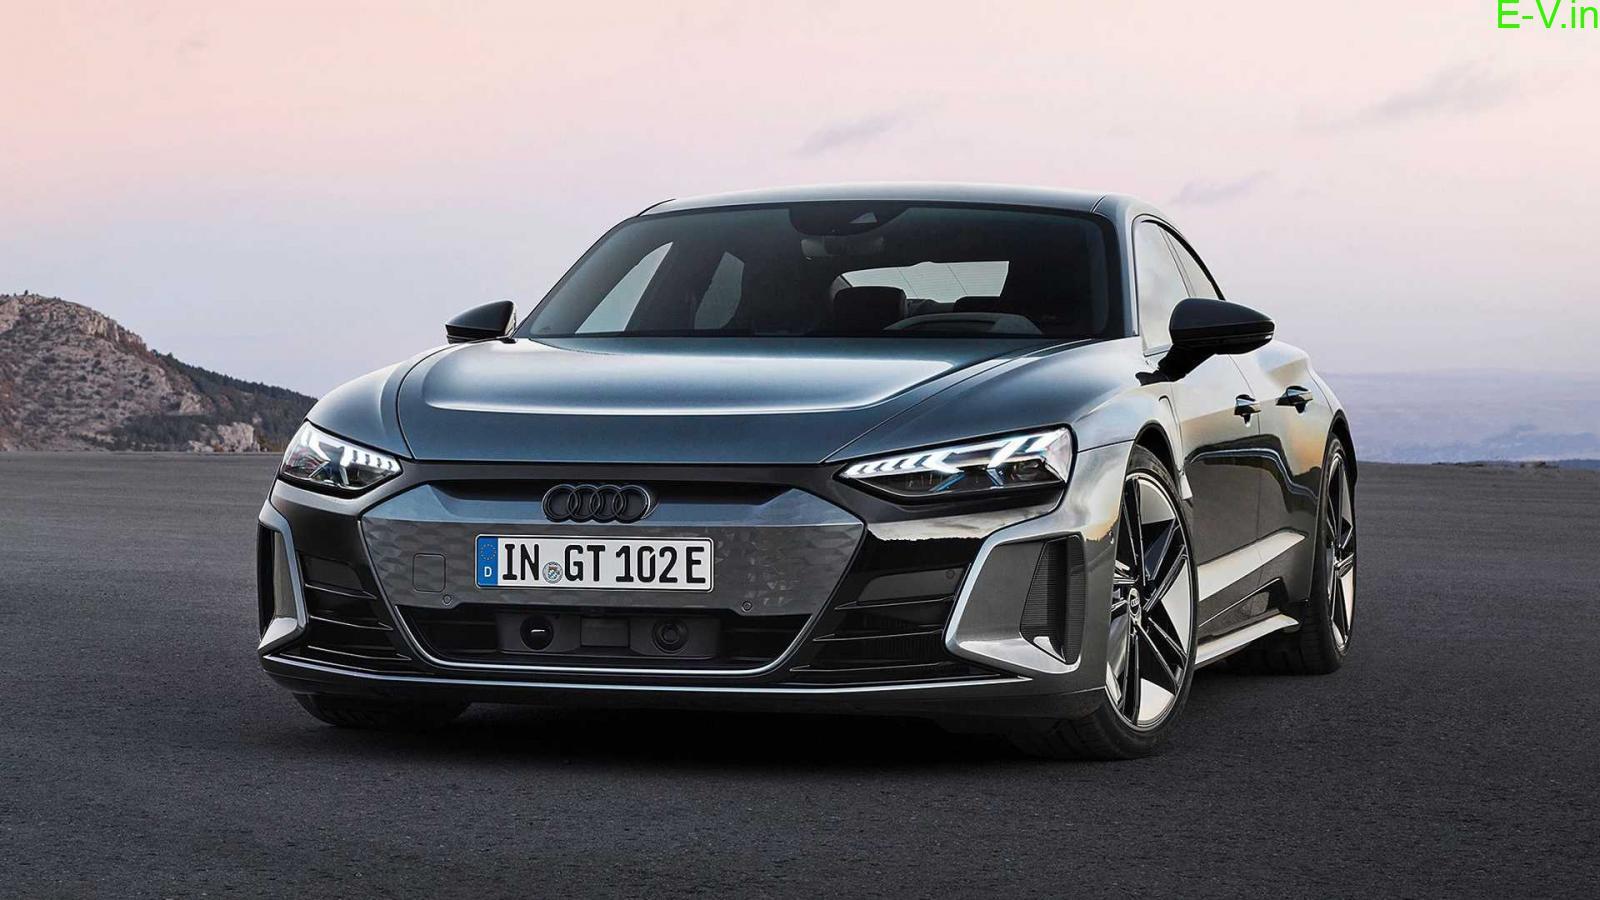 Audi e-tron GT & RS e-tron GT